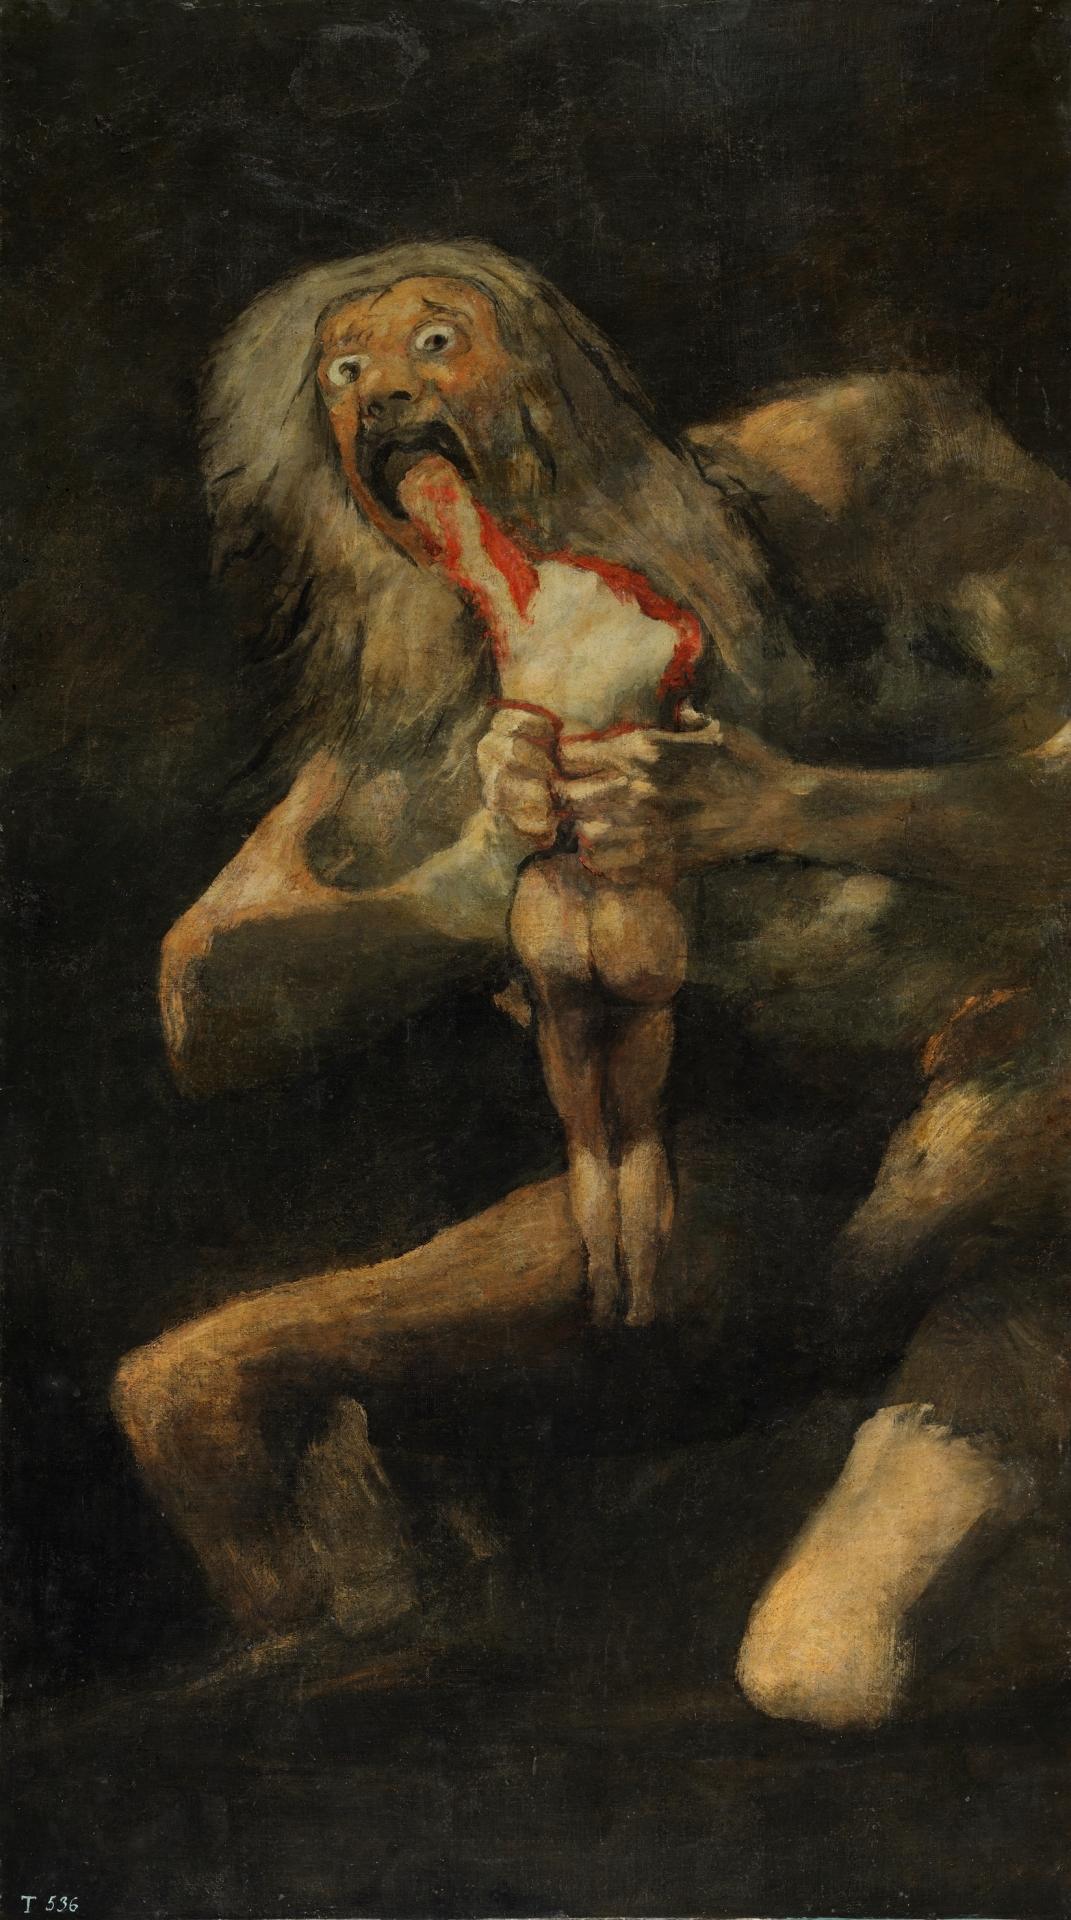 Saturn Devouring His Son by Francisco de Goya y Lucientes